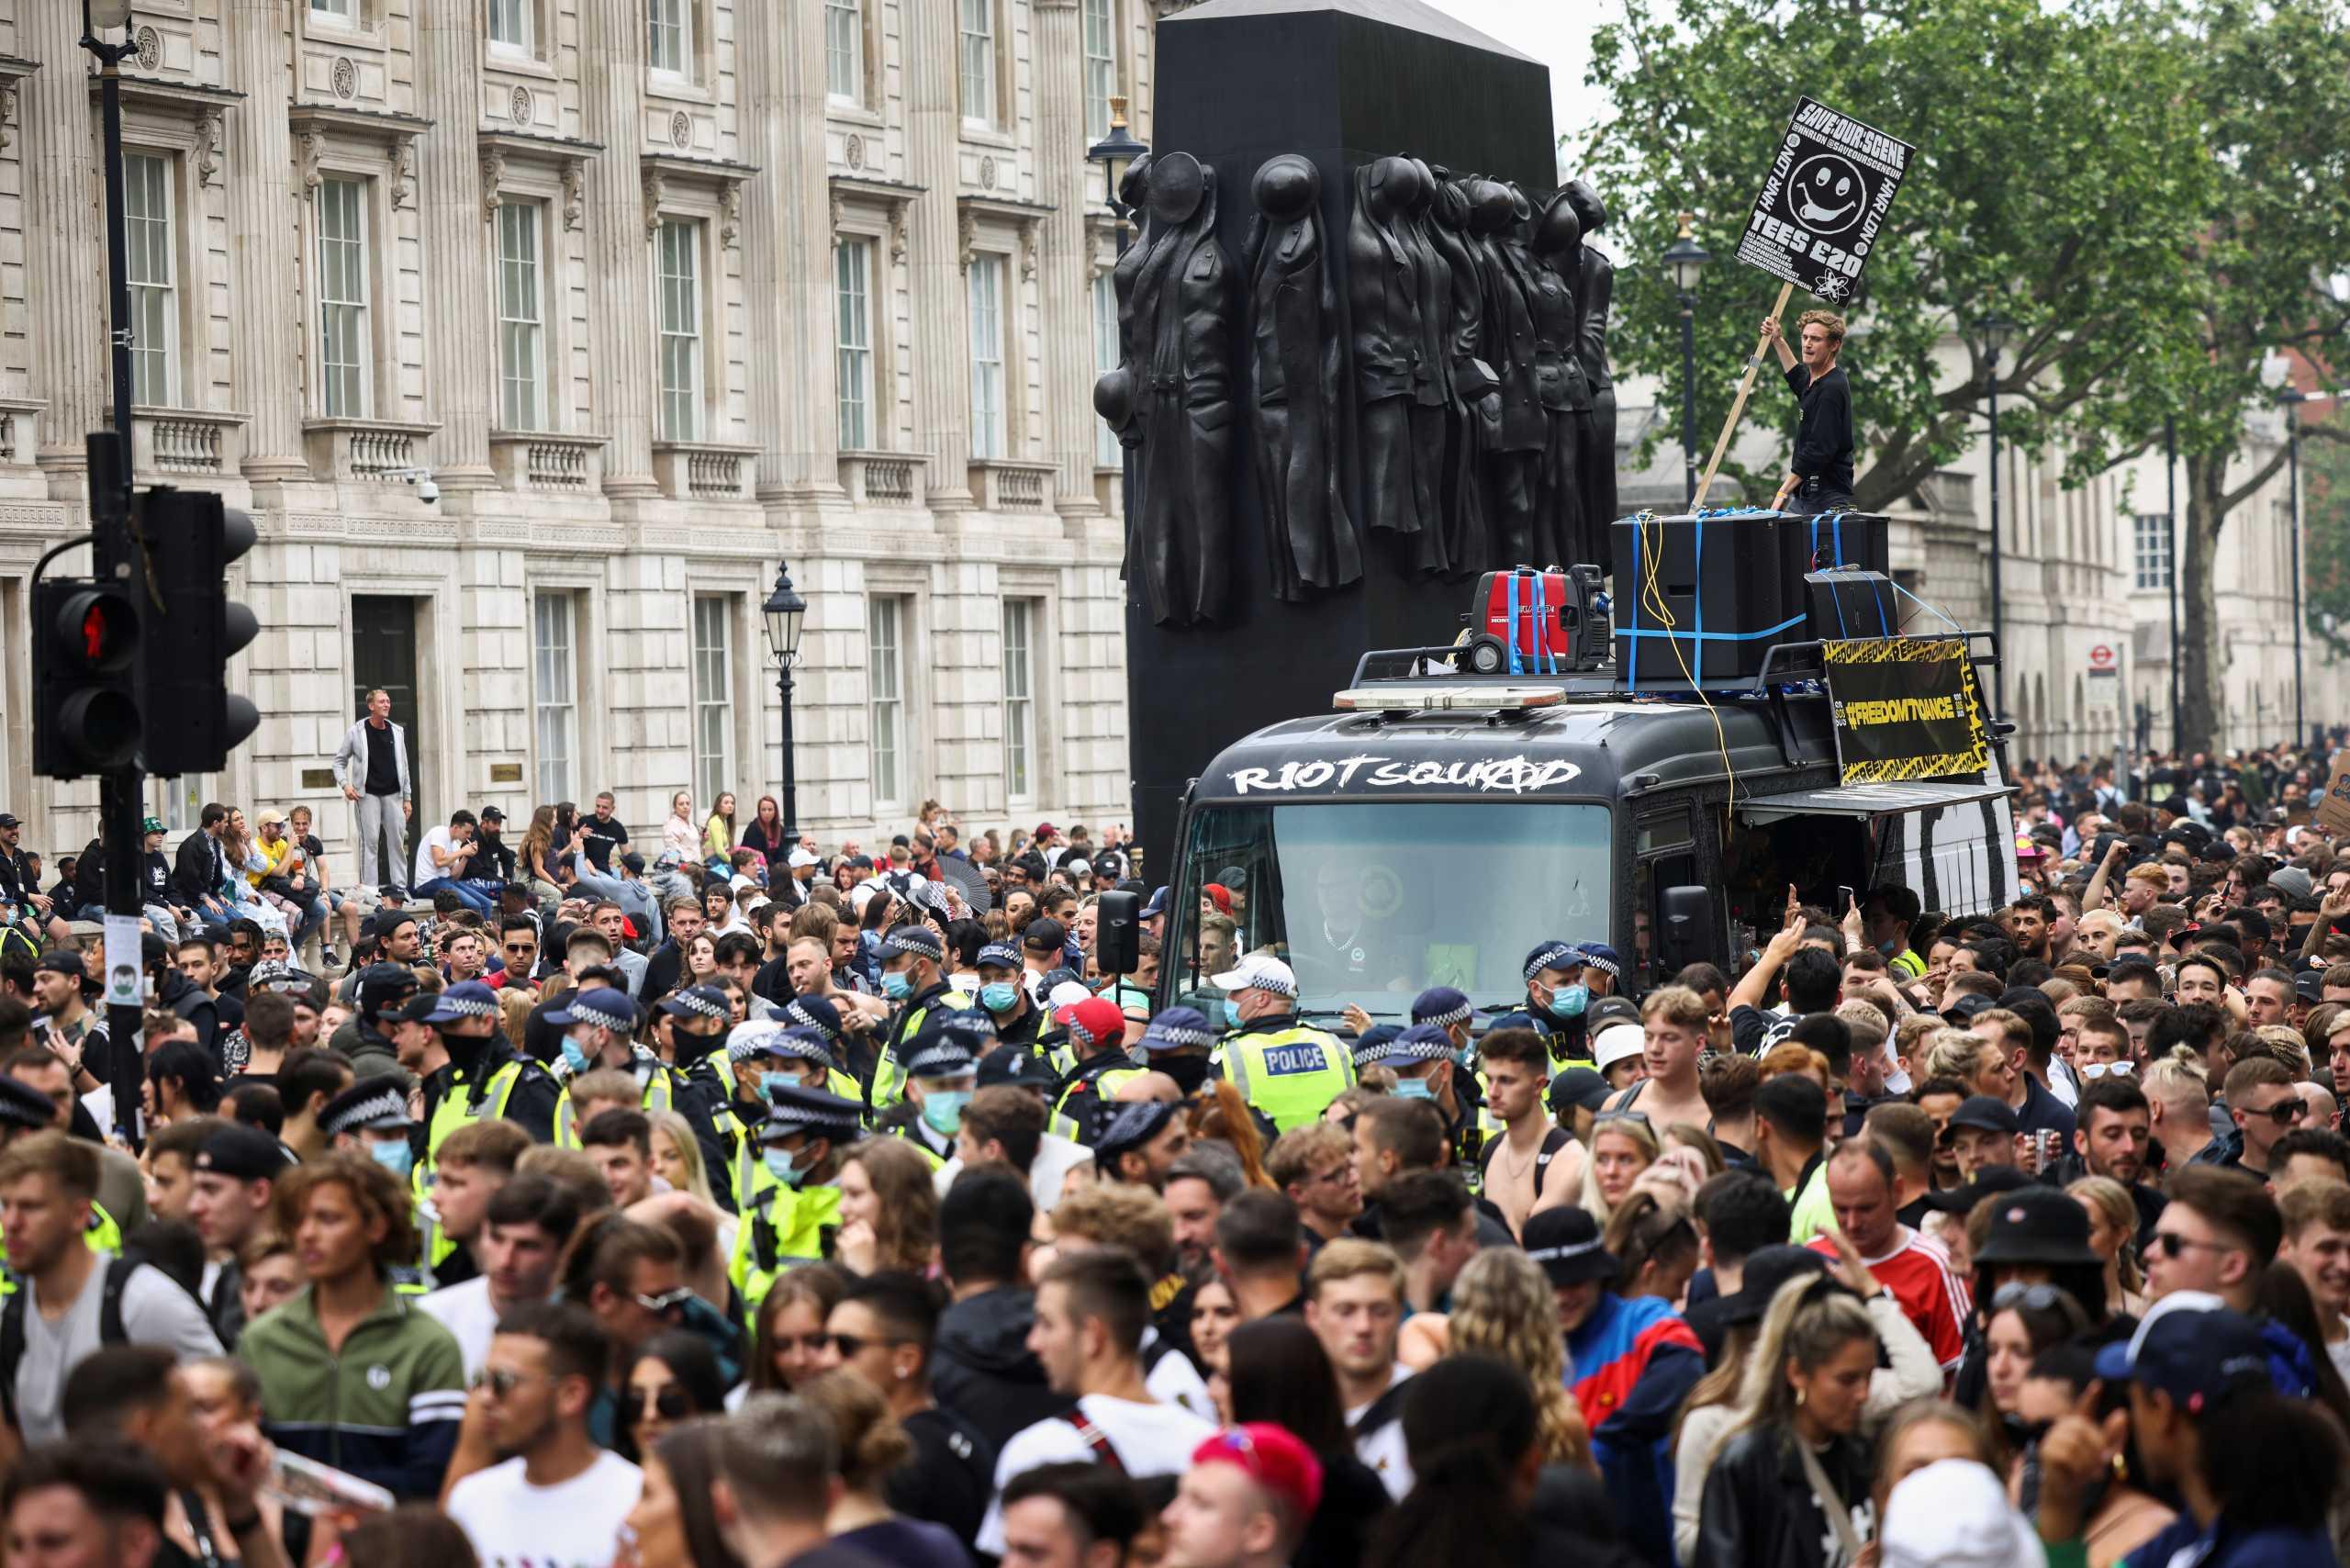 Χορευτική διαδήλωση στο Λονδίνο για την επαναλειτουργία των νυχτερινών κέντρων